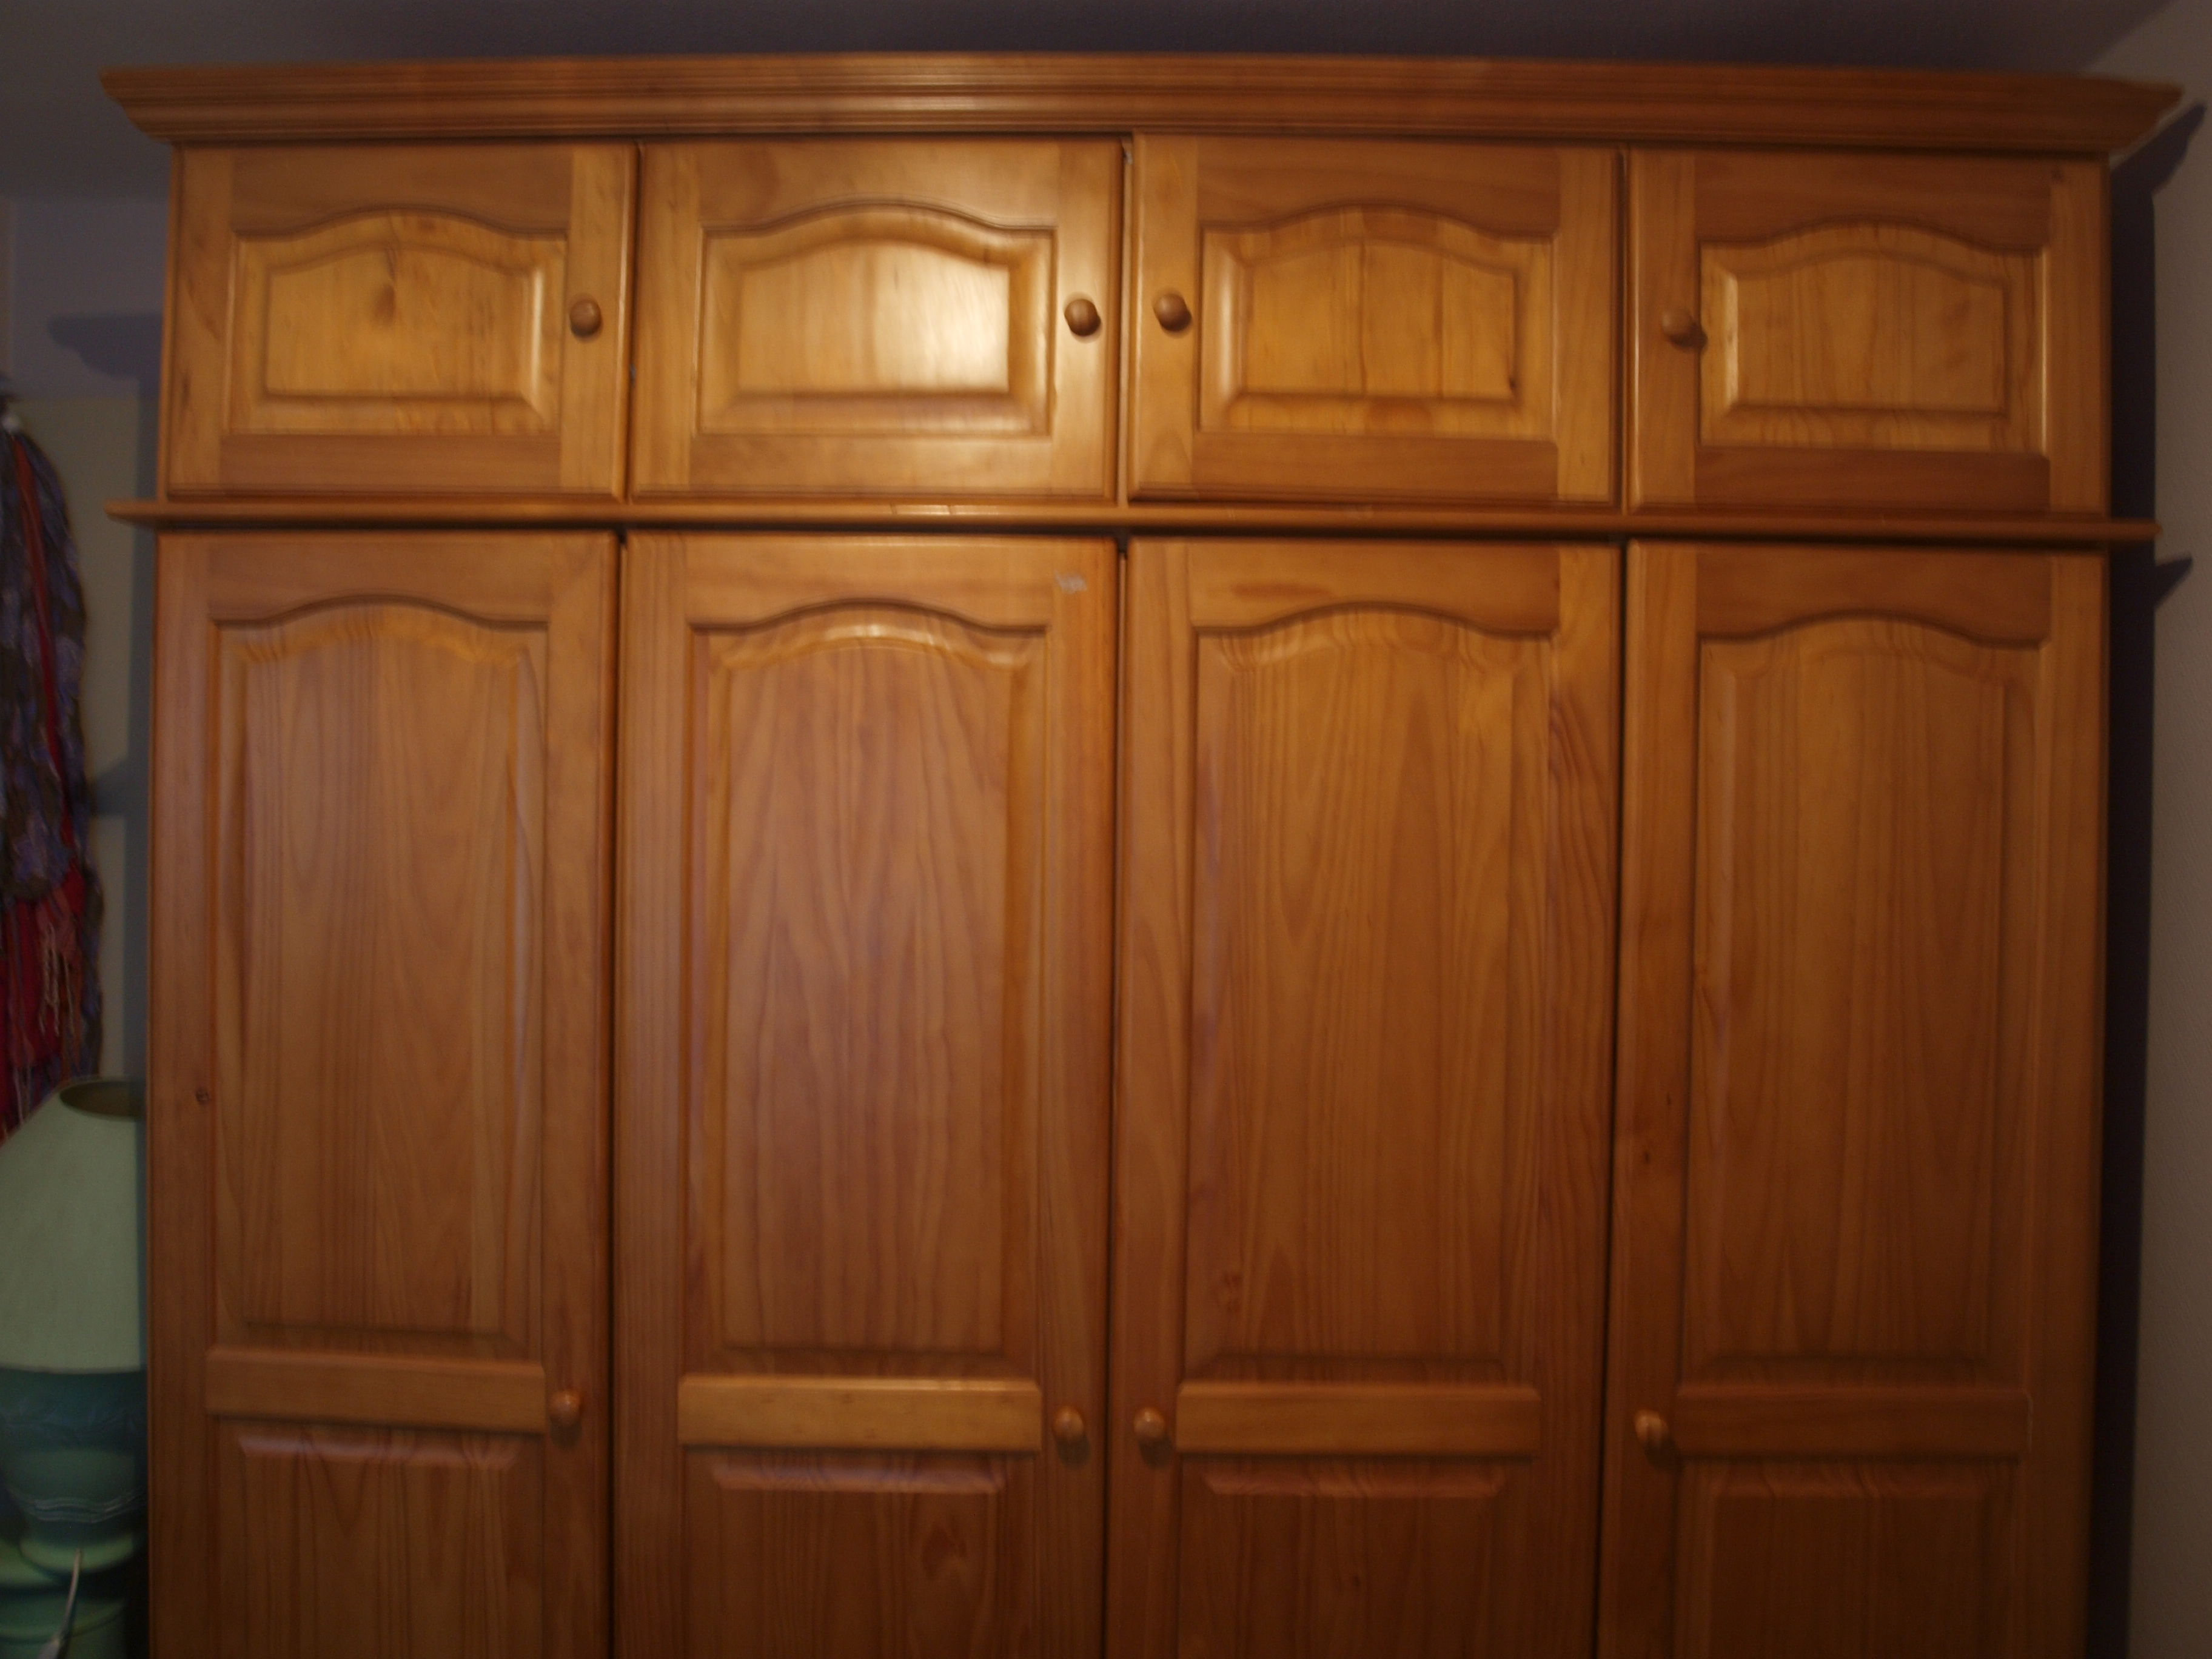 meubles en pin occasion dans l 39 indre 36 annonces achat. Black Bedroom Furniture Sets. Home Design Ideas